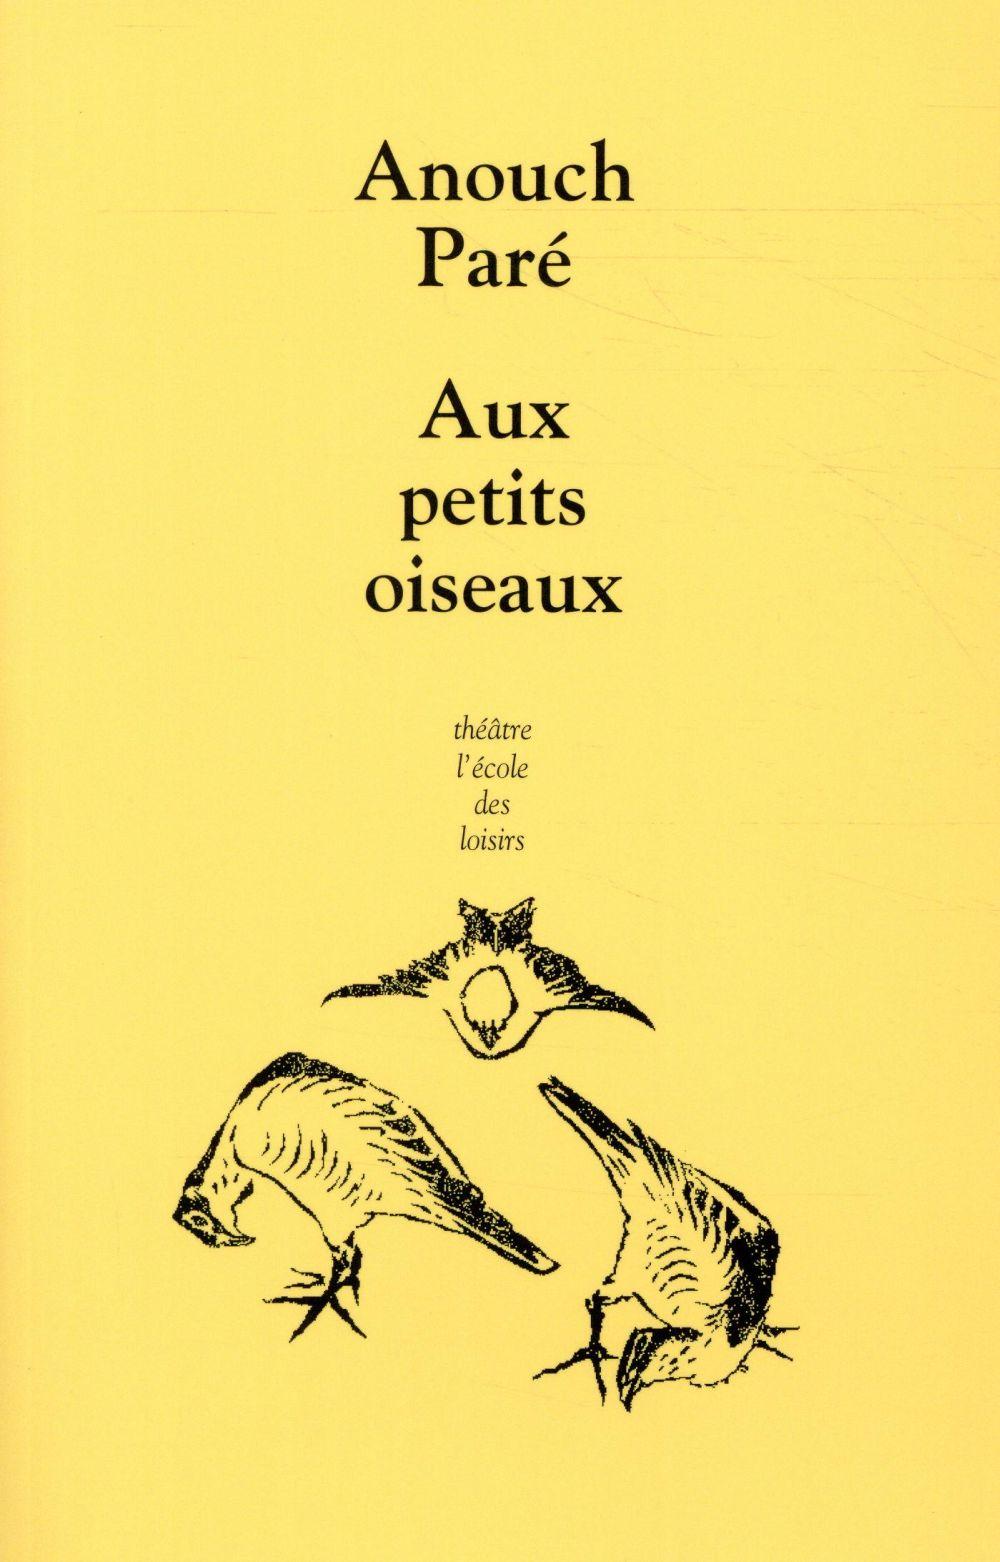 AUX PETITS OISEAUX